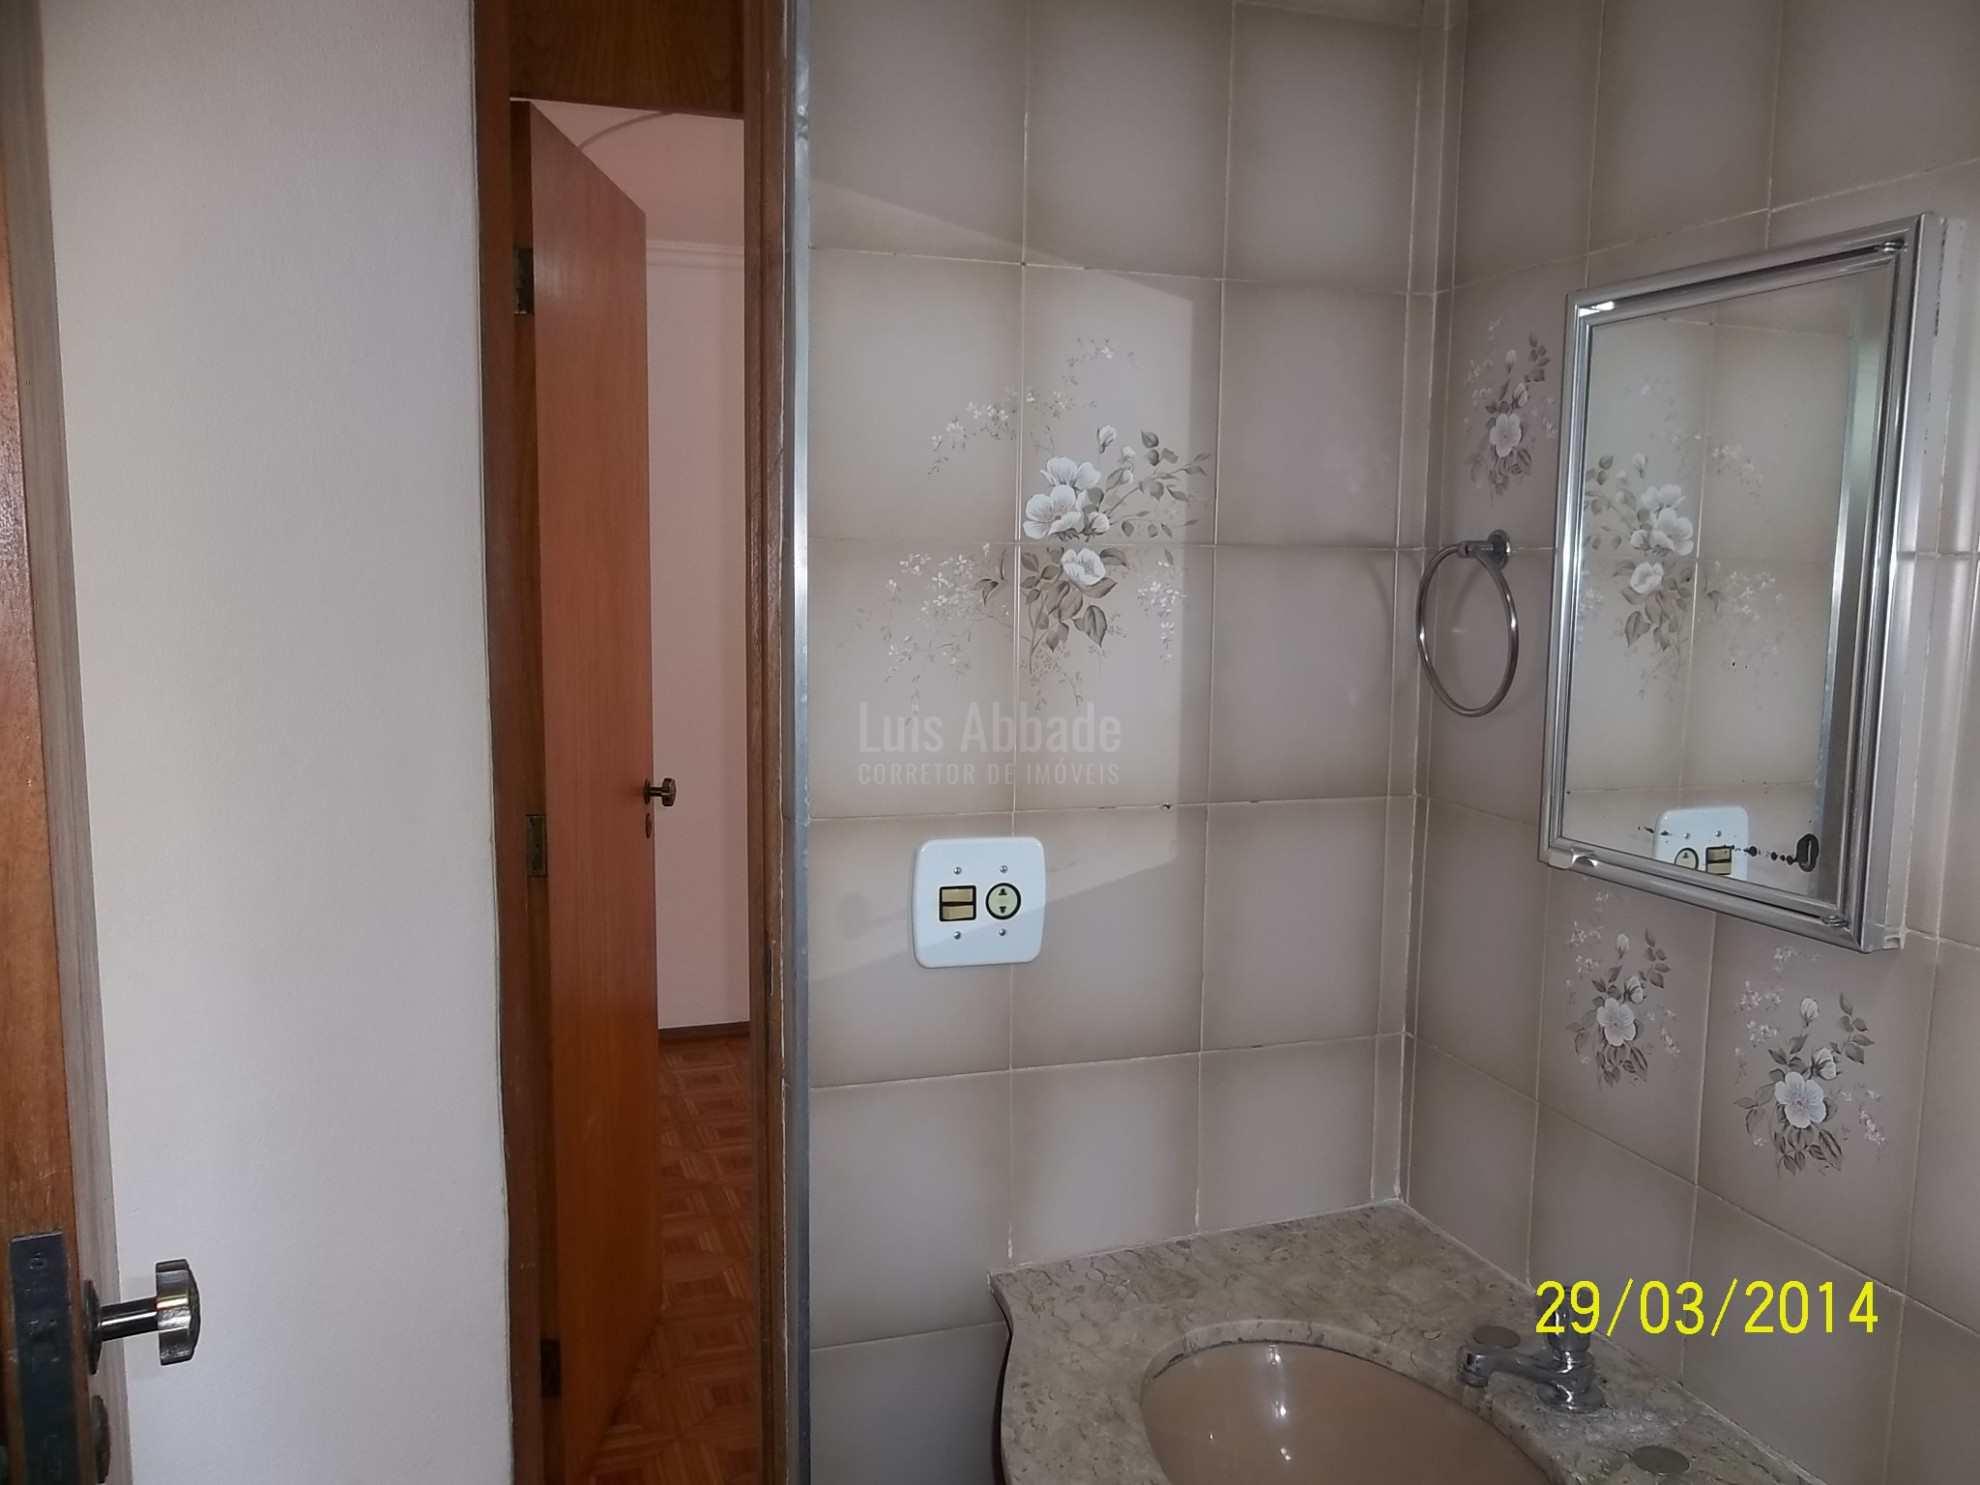 banheiro__